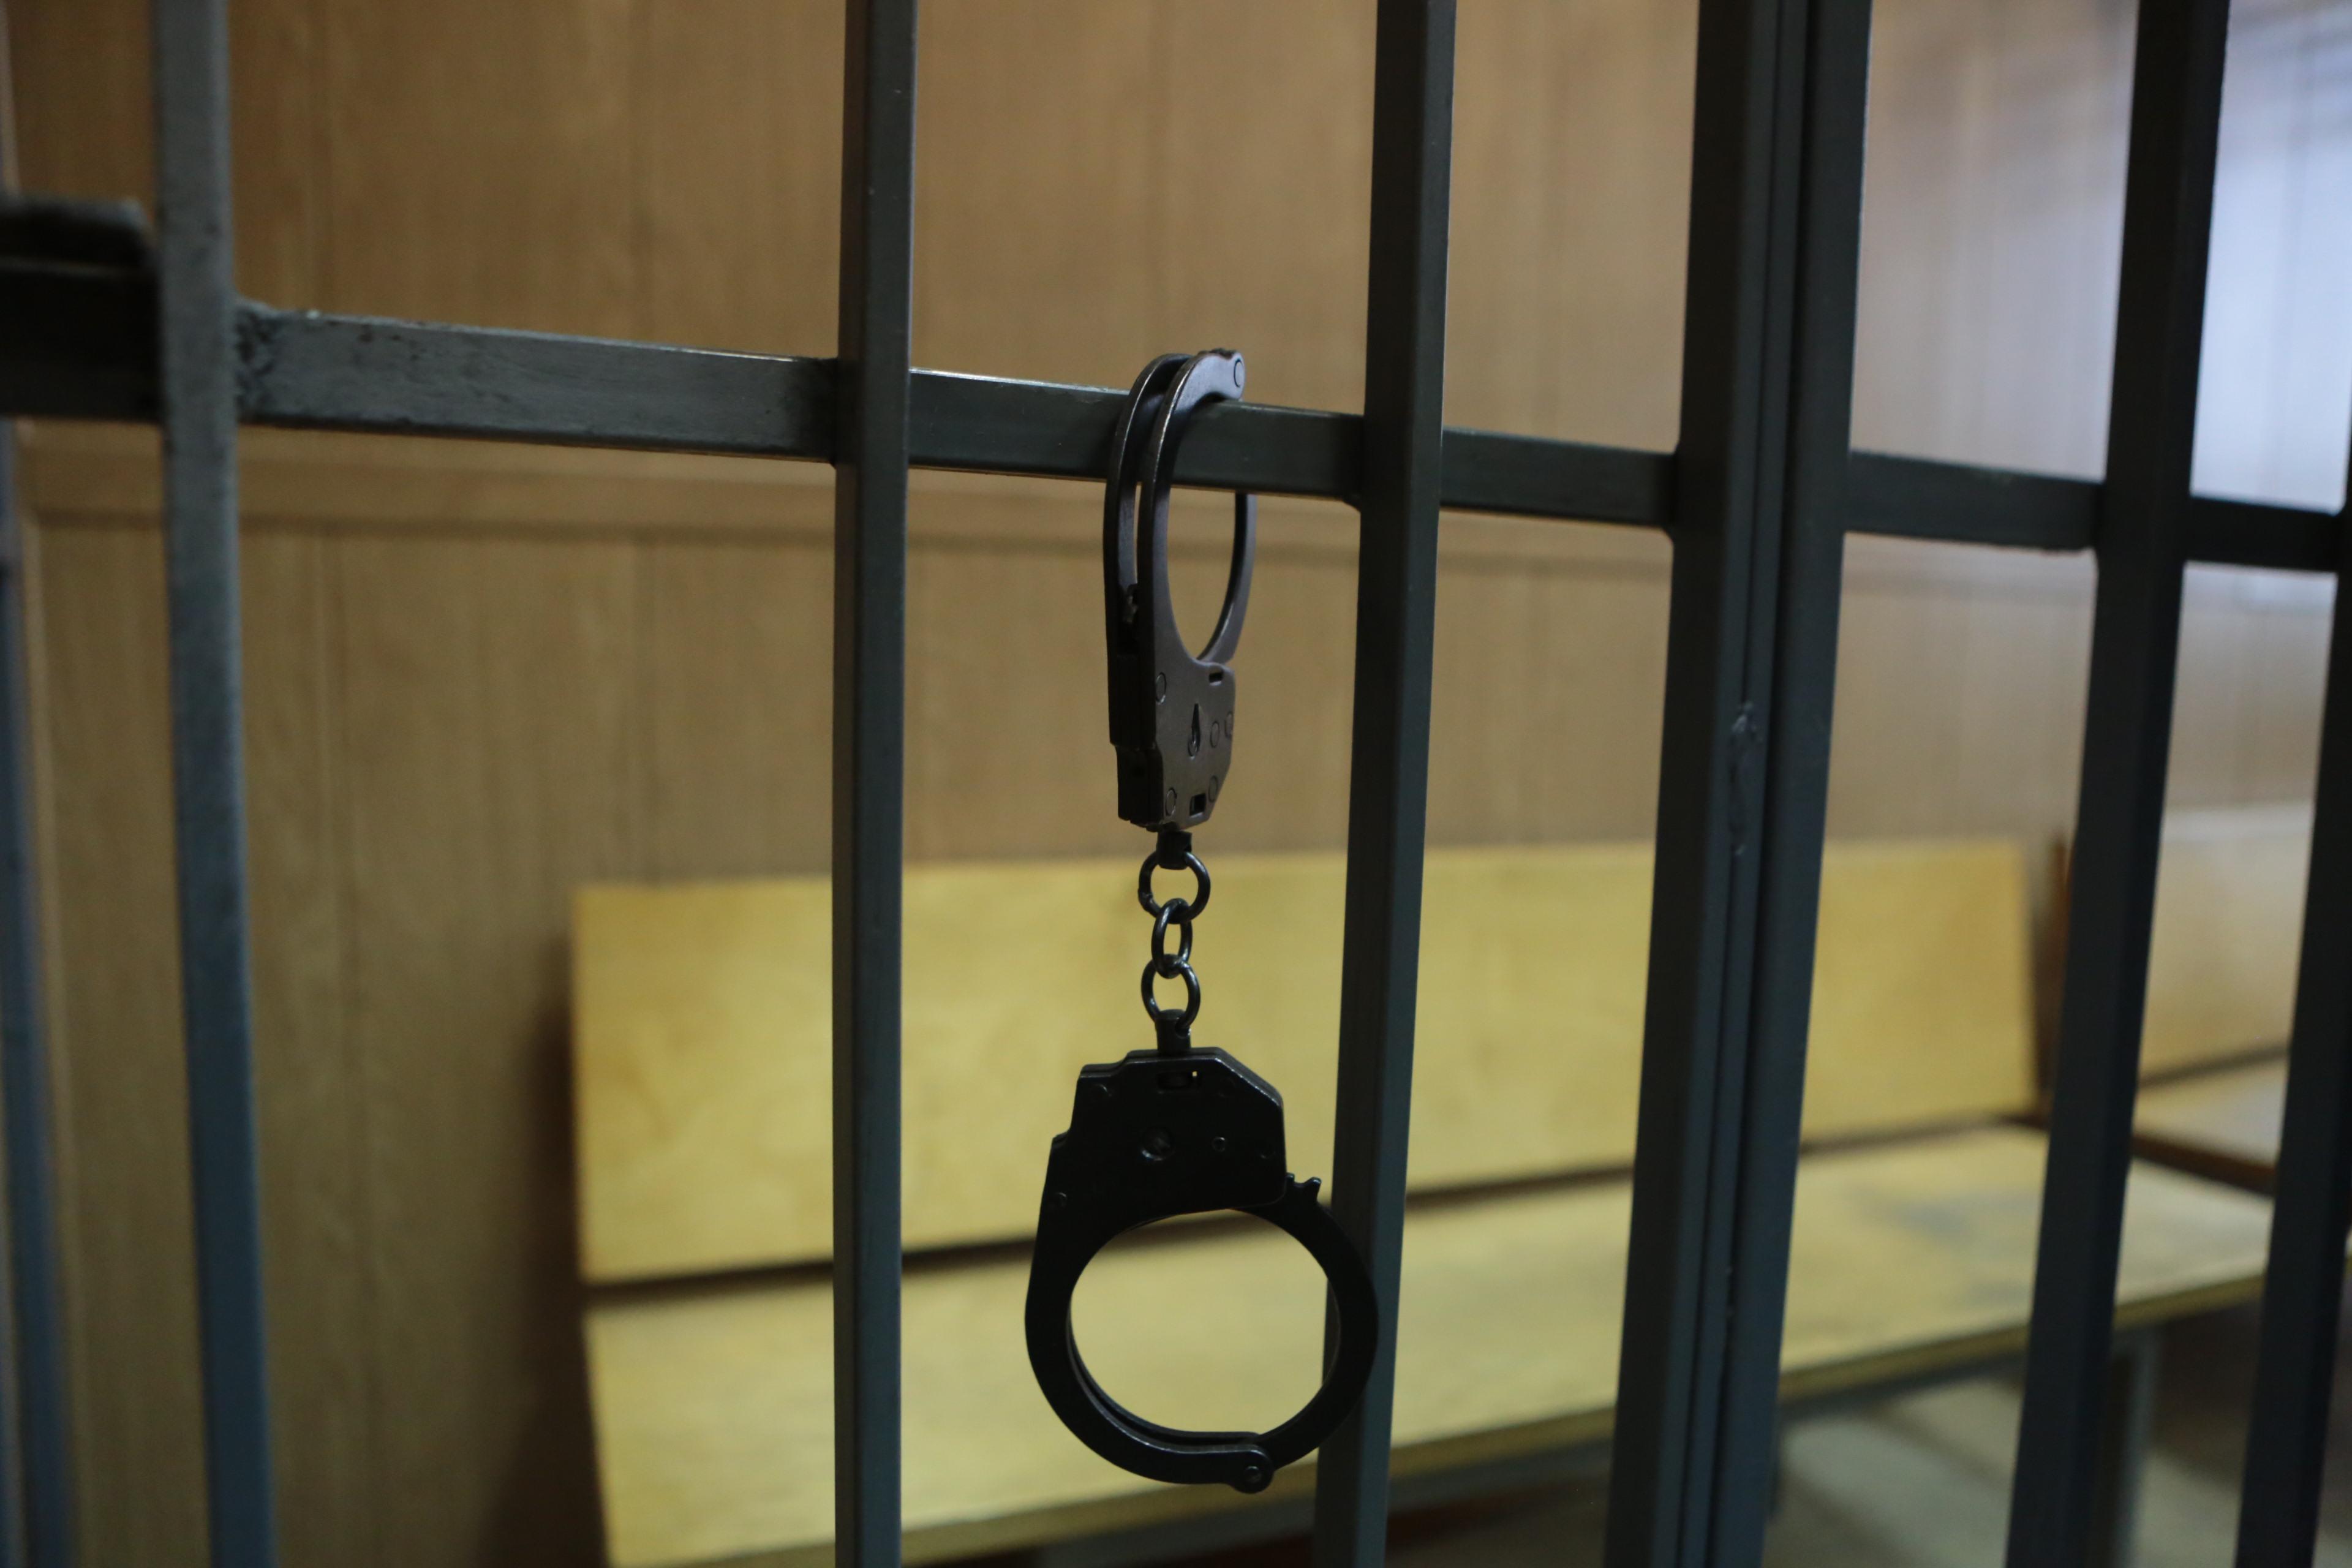 ВВолгограде работники почты оказали сопротивление бандиту, вооружённому карабином «Сайга»